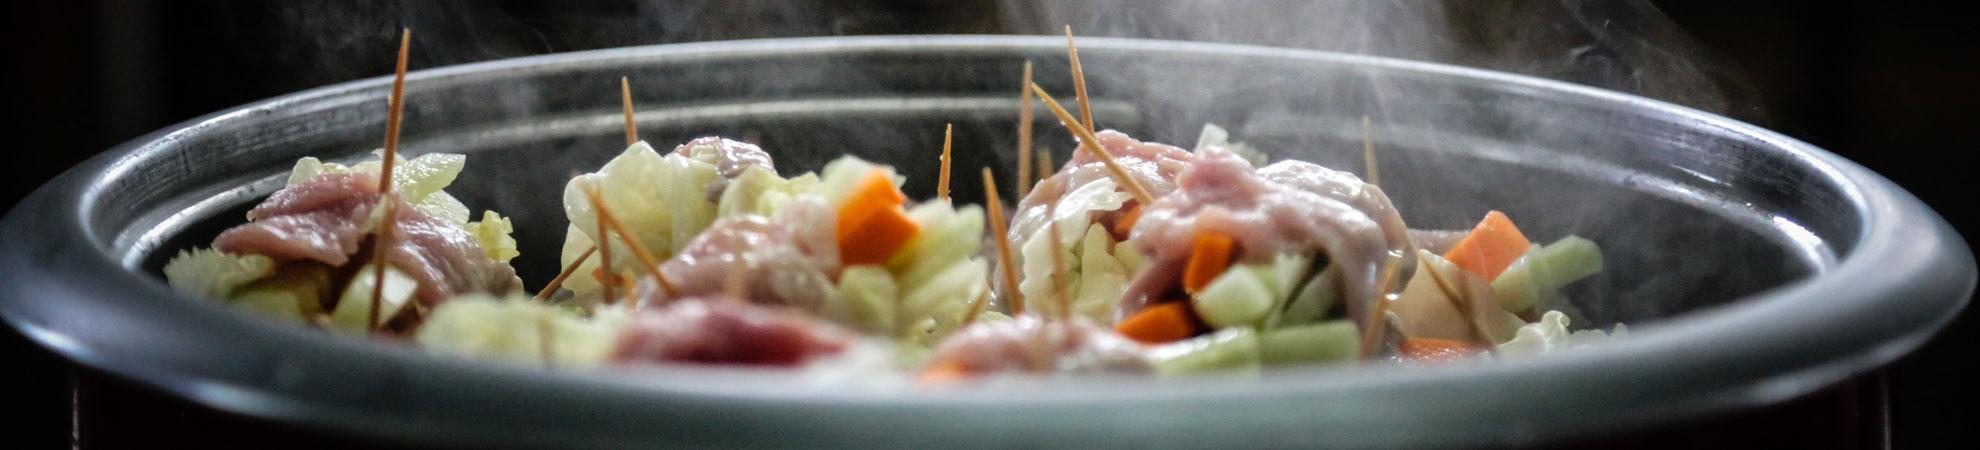 Les spécialités culinaires du Japon